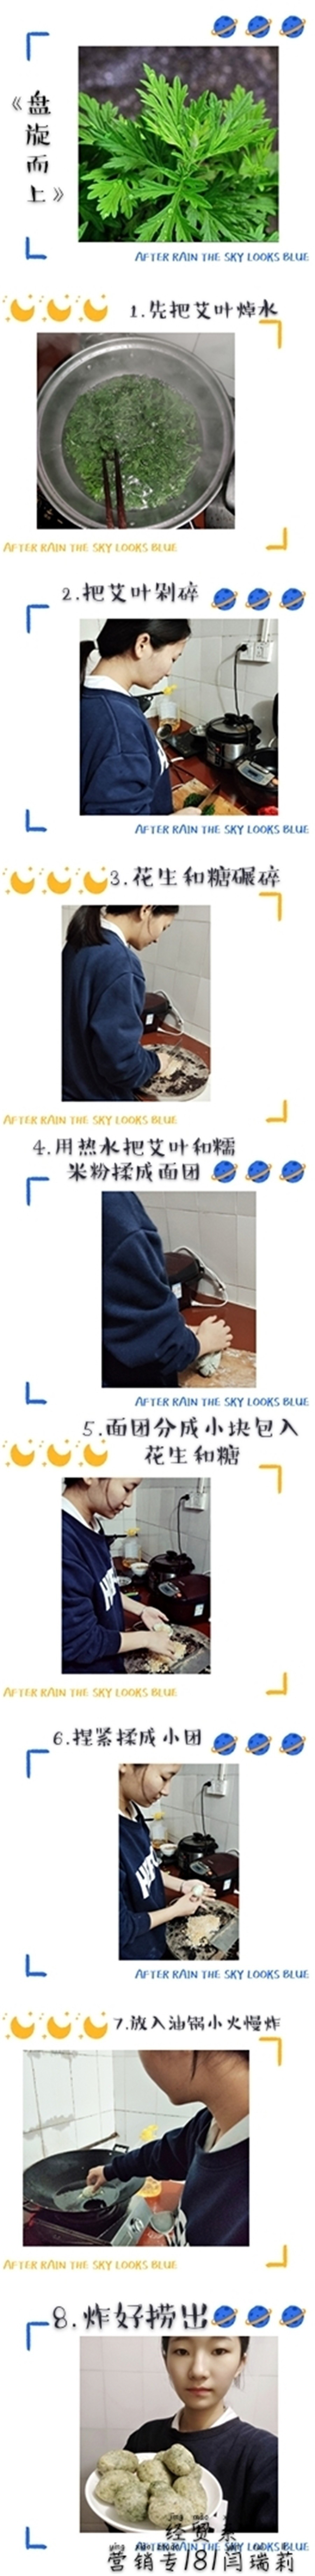 传统文化秀一等奖作品 营专181班 闫瑞莉 青团制作.jpg